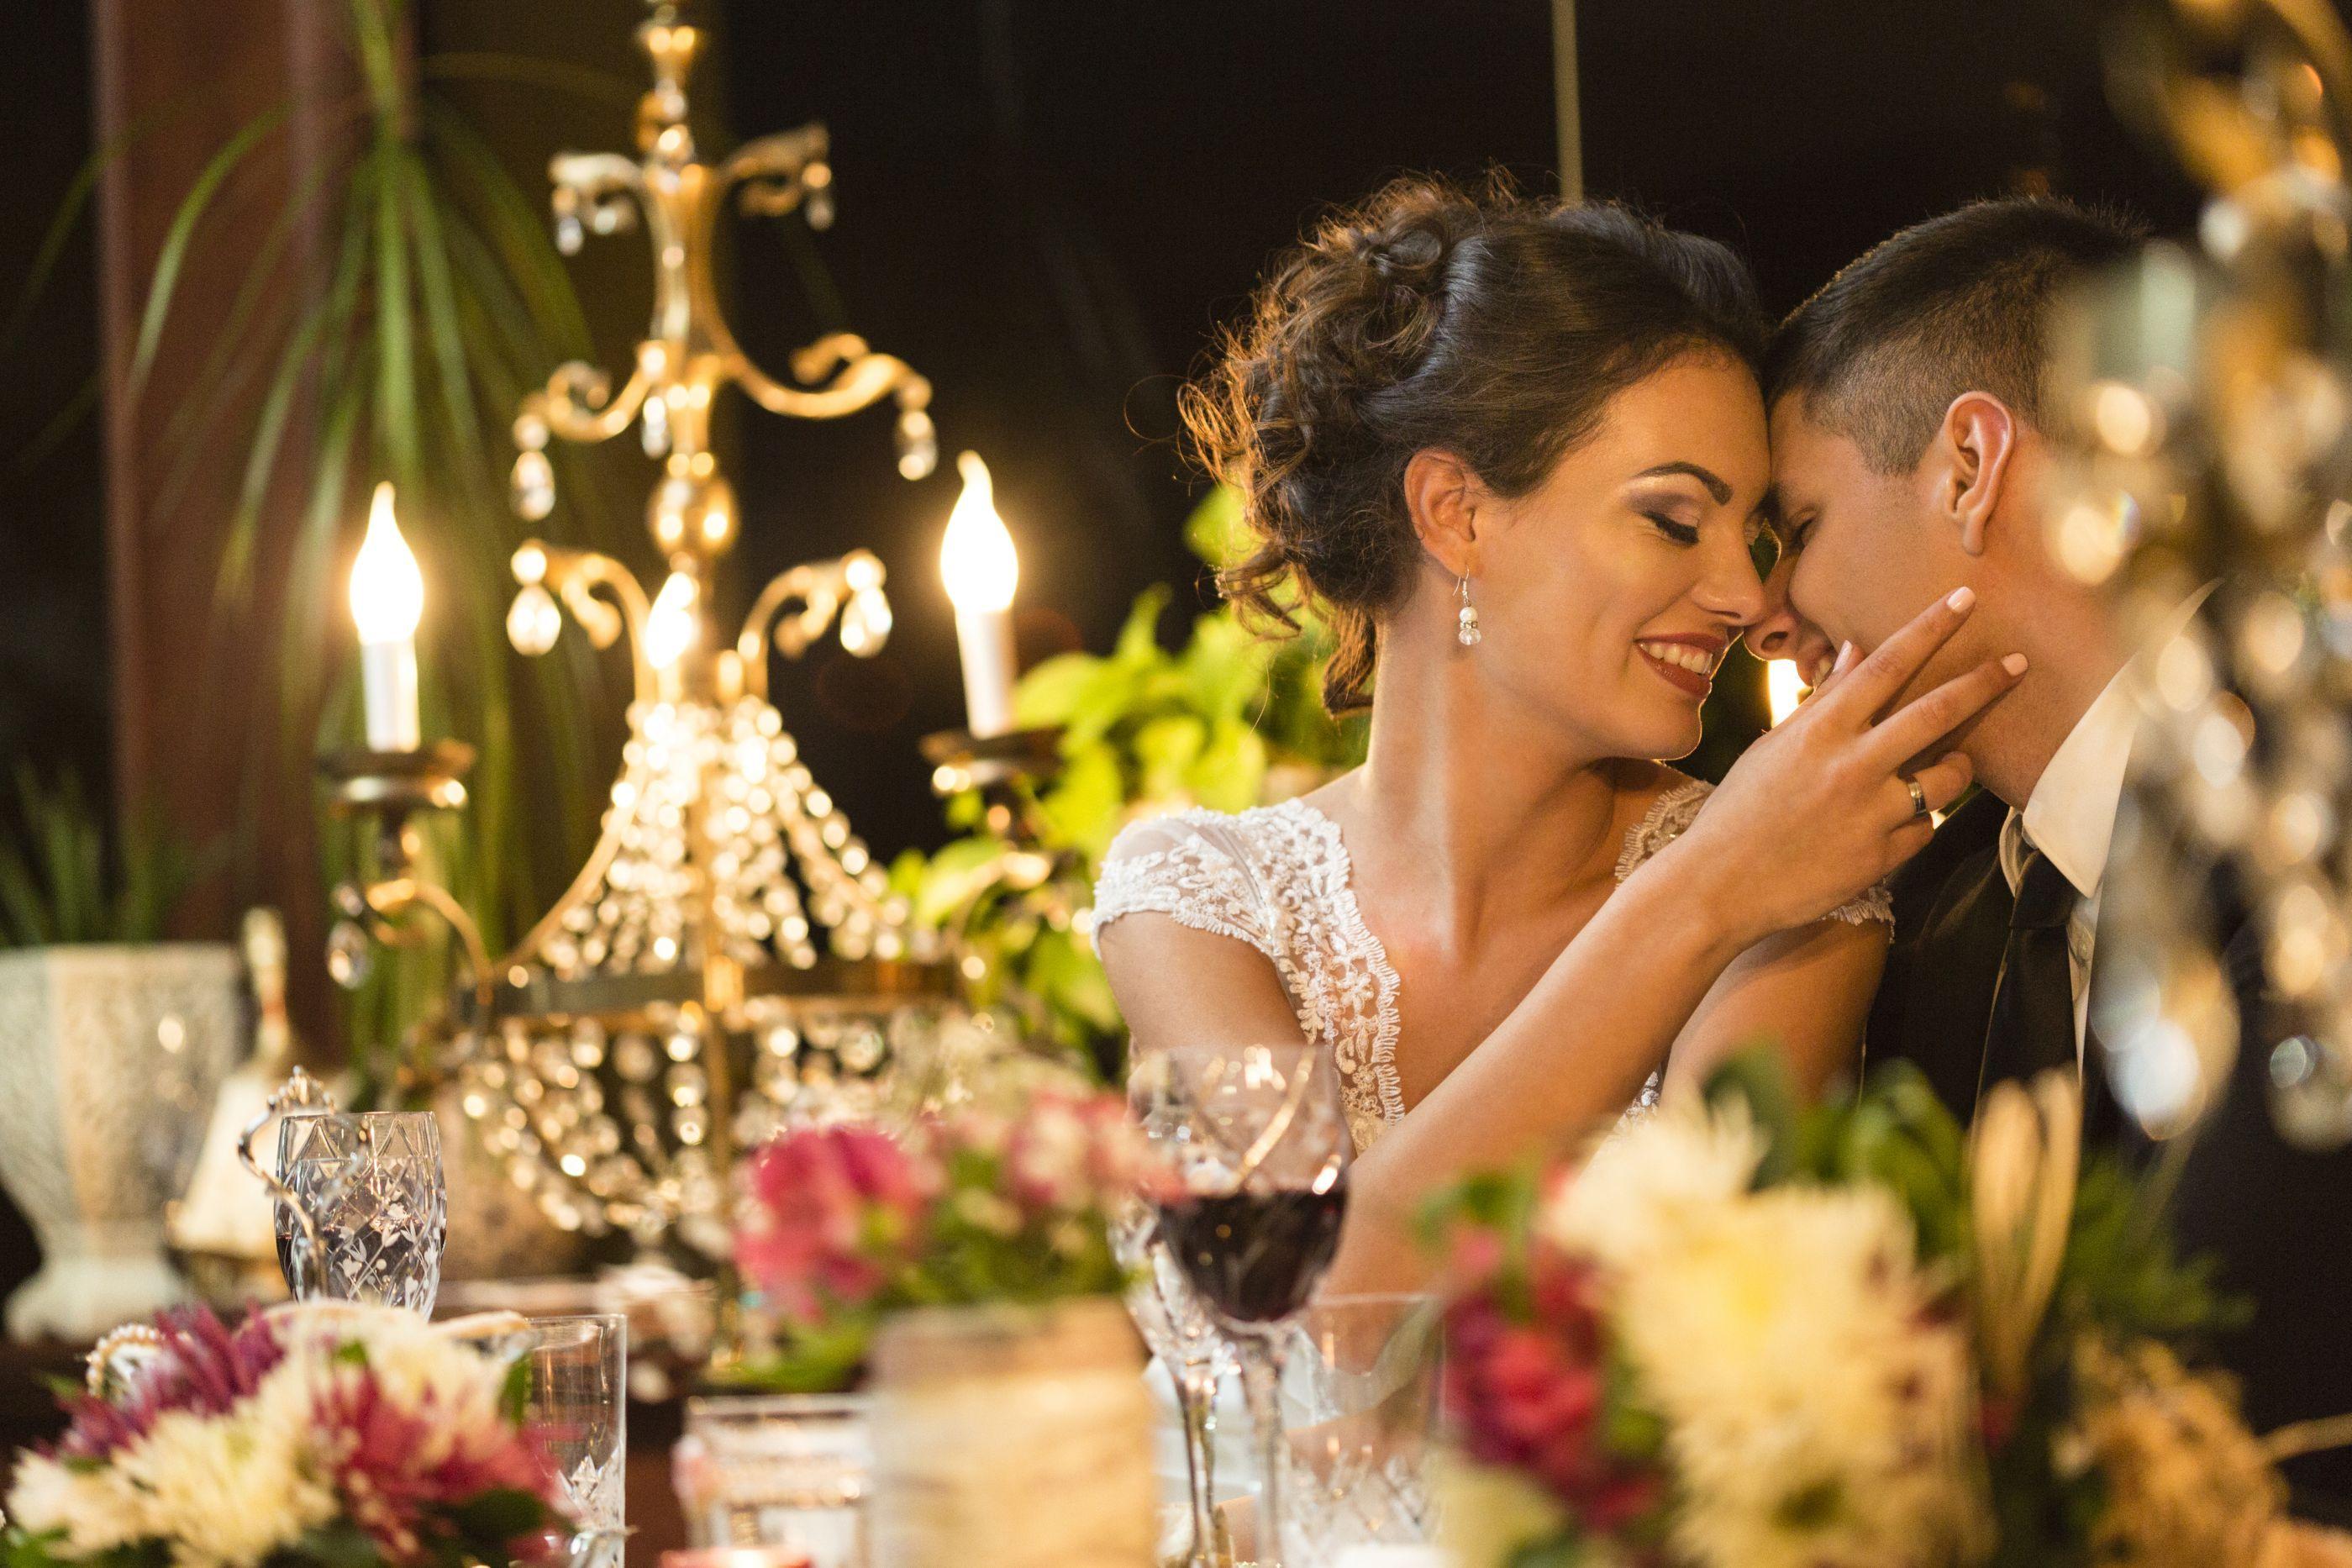 Quanto mais gasto no casamento maior é o risco de divórcio, diz estudo